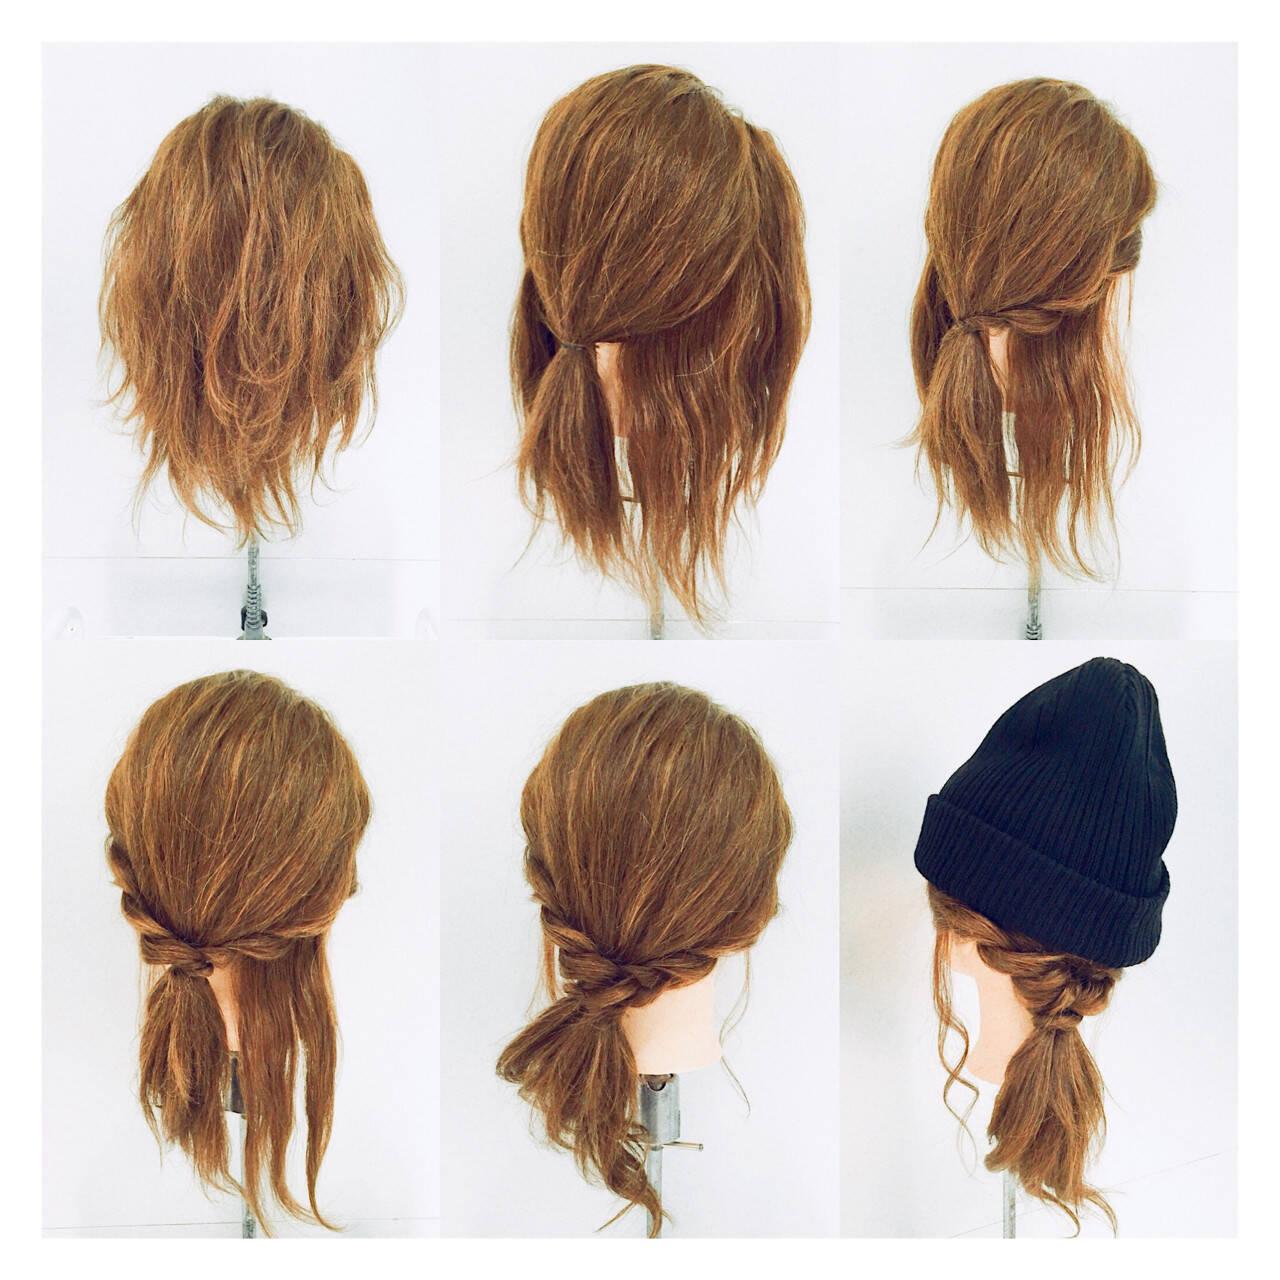 ミディアム 簡単ヘアアレンジ ショート ヘアアレンジヘアスタイルや髪型の写真・画像